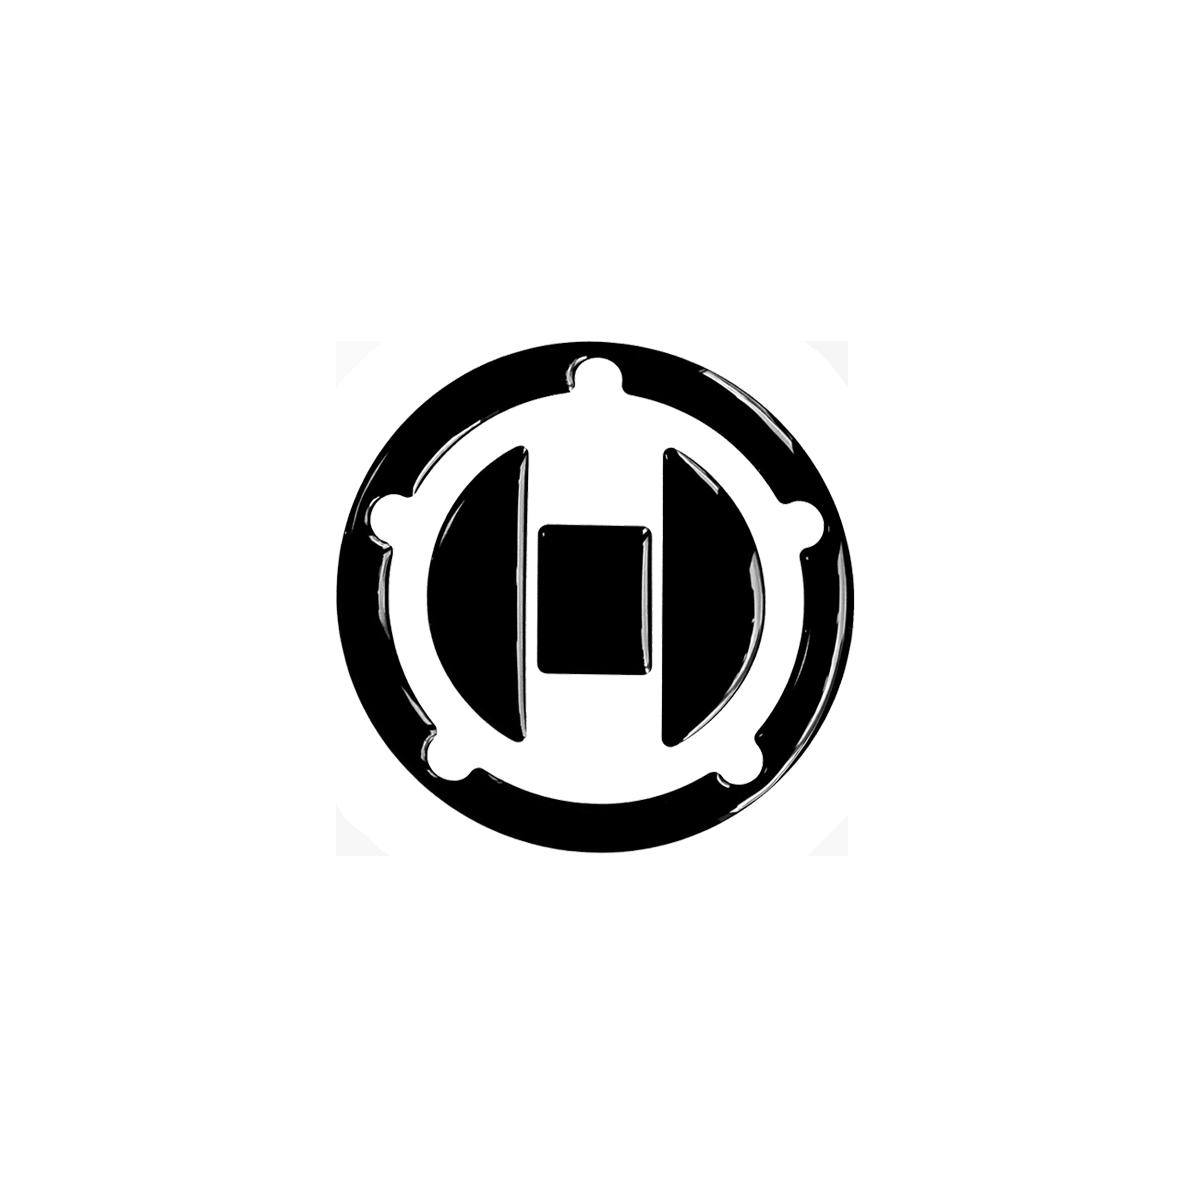 tankdeckel-design-schutzfunktion-th